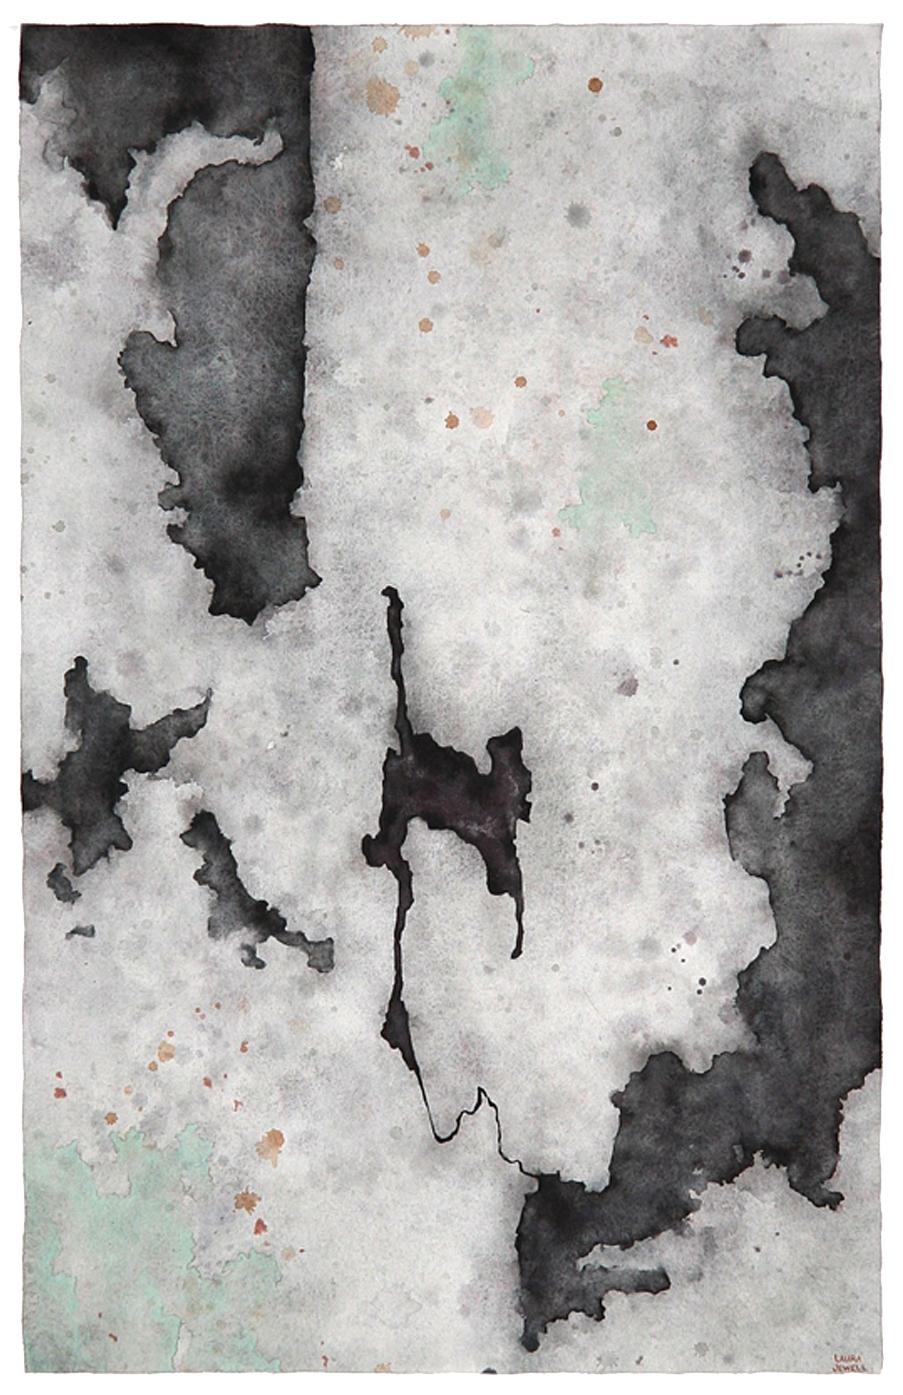 Undisturbed Lichens